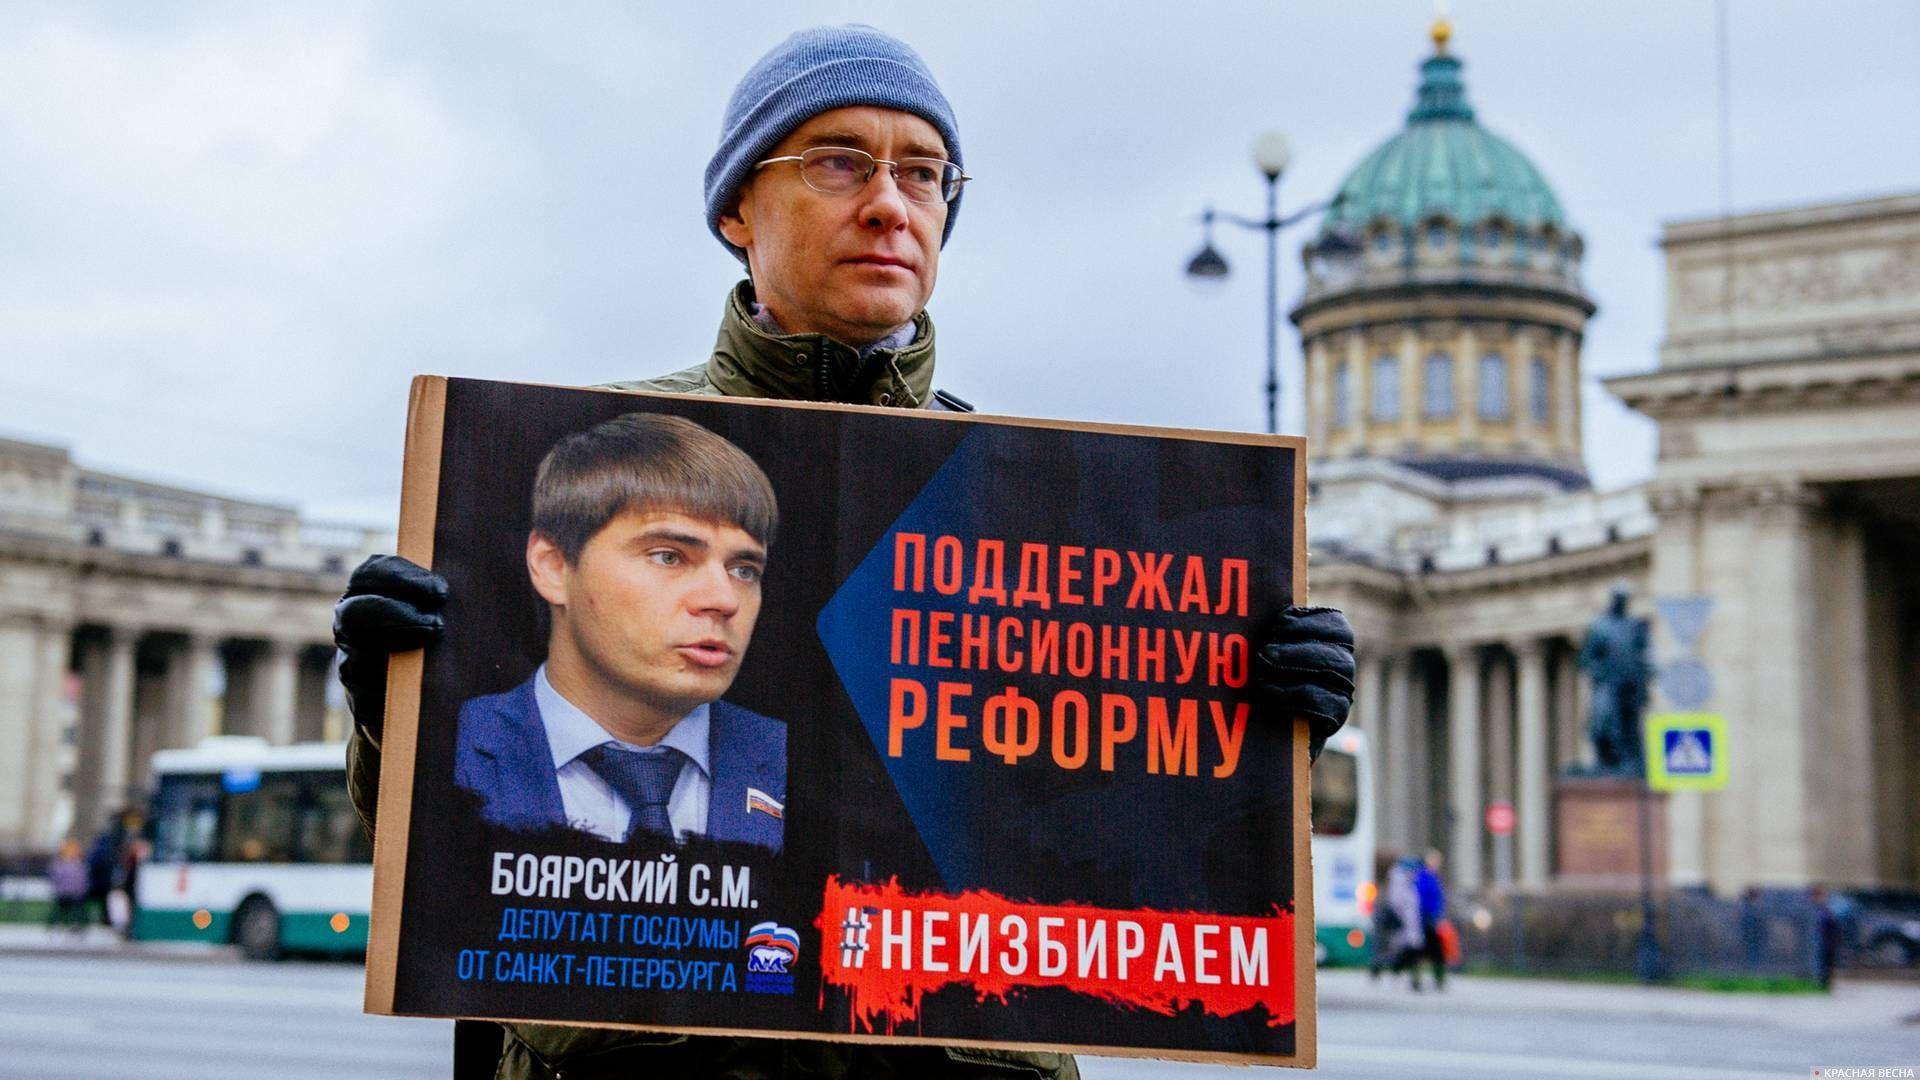 #Неизбираем на Невском. Одиночные пикеты. 17.11.18